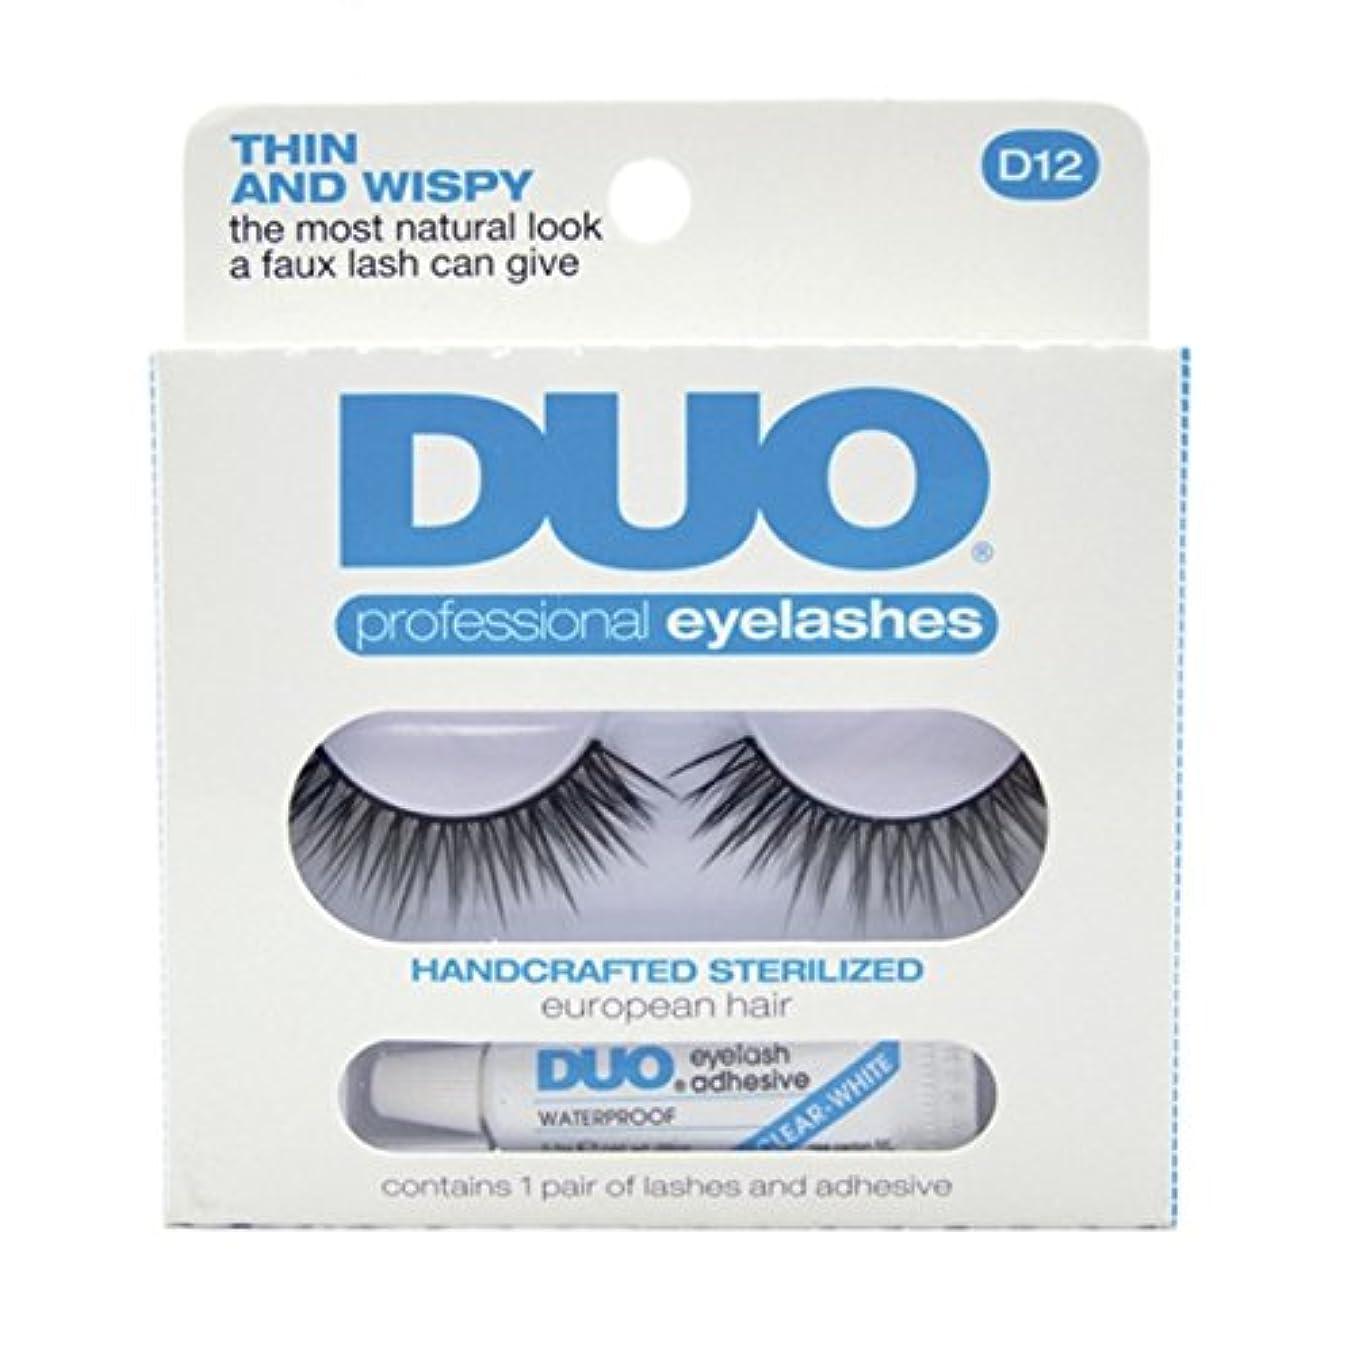 可塑性生き物動機付けるDUO Eyelash Adhesive Think and Wispy D12 Eyelashes Thin and Wispy (並行輸入品)